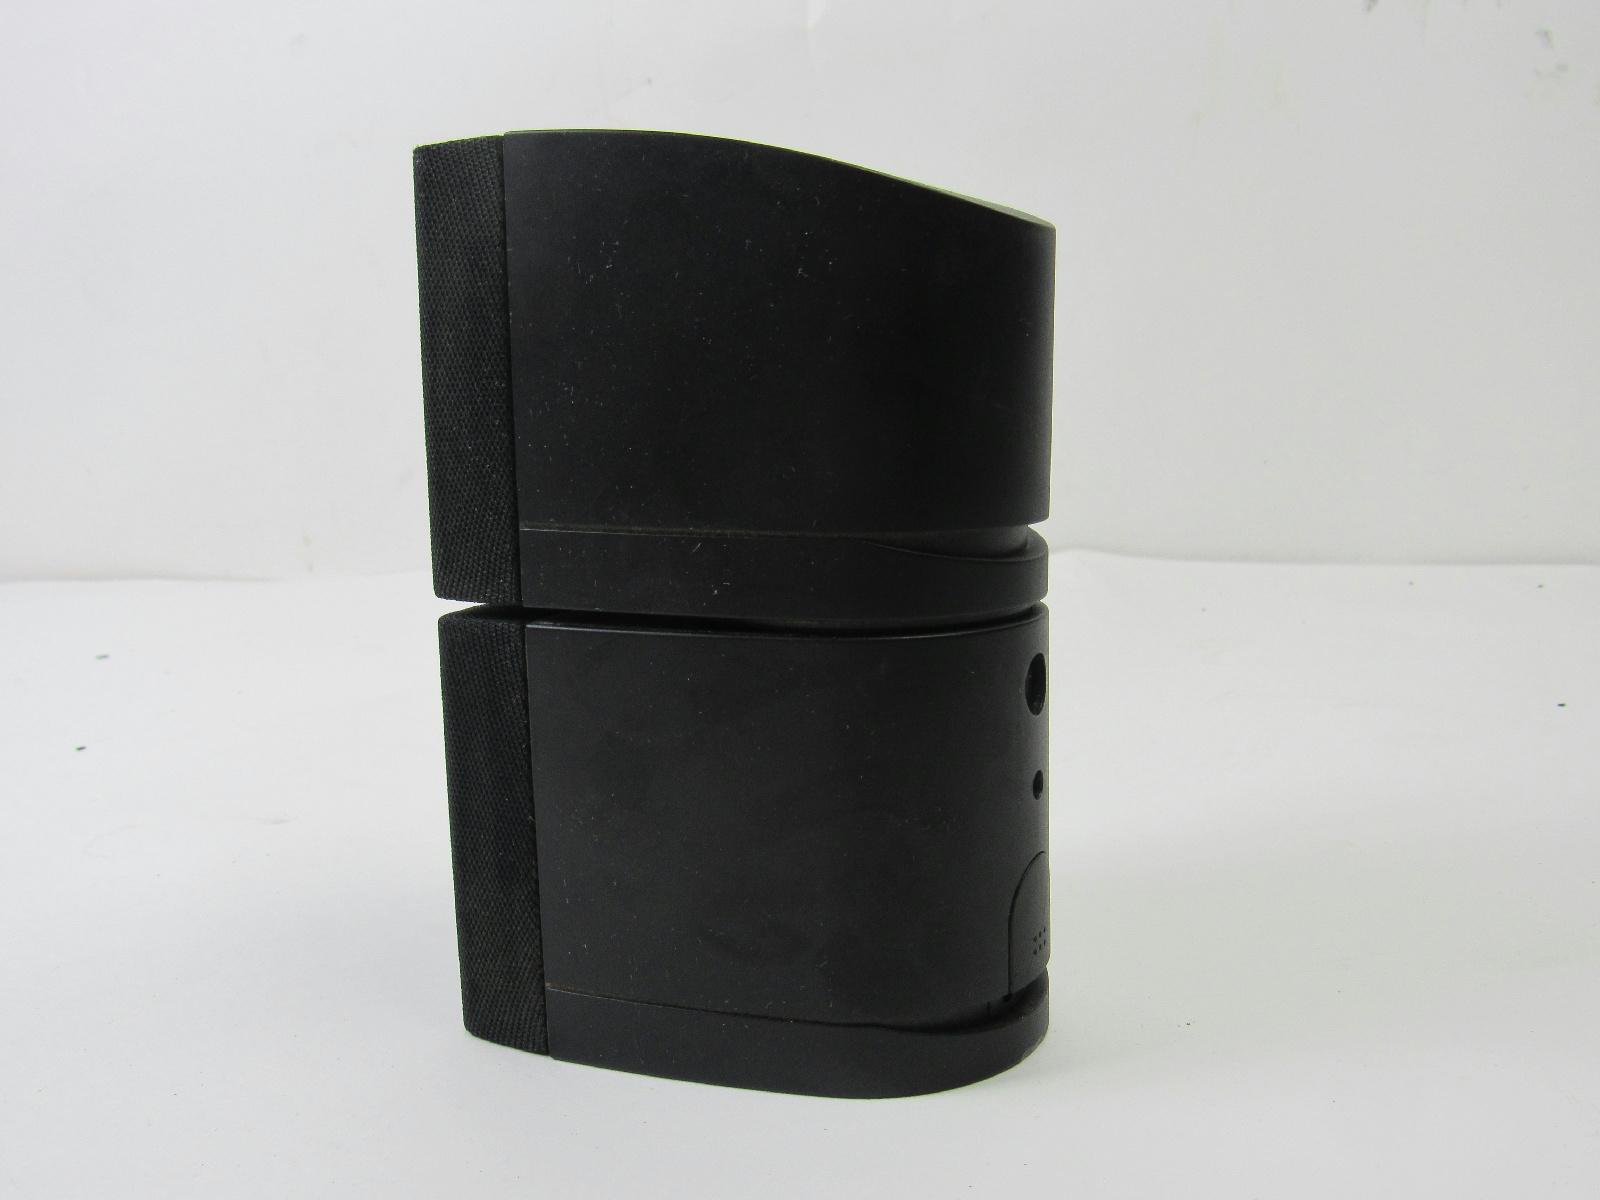 1 bose double cube speaker black ebay. Black Bedroom Furniture Sets. Home Design Ideas